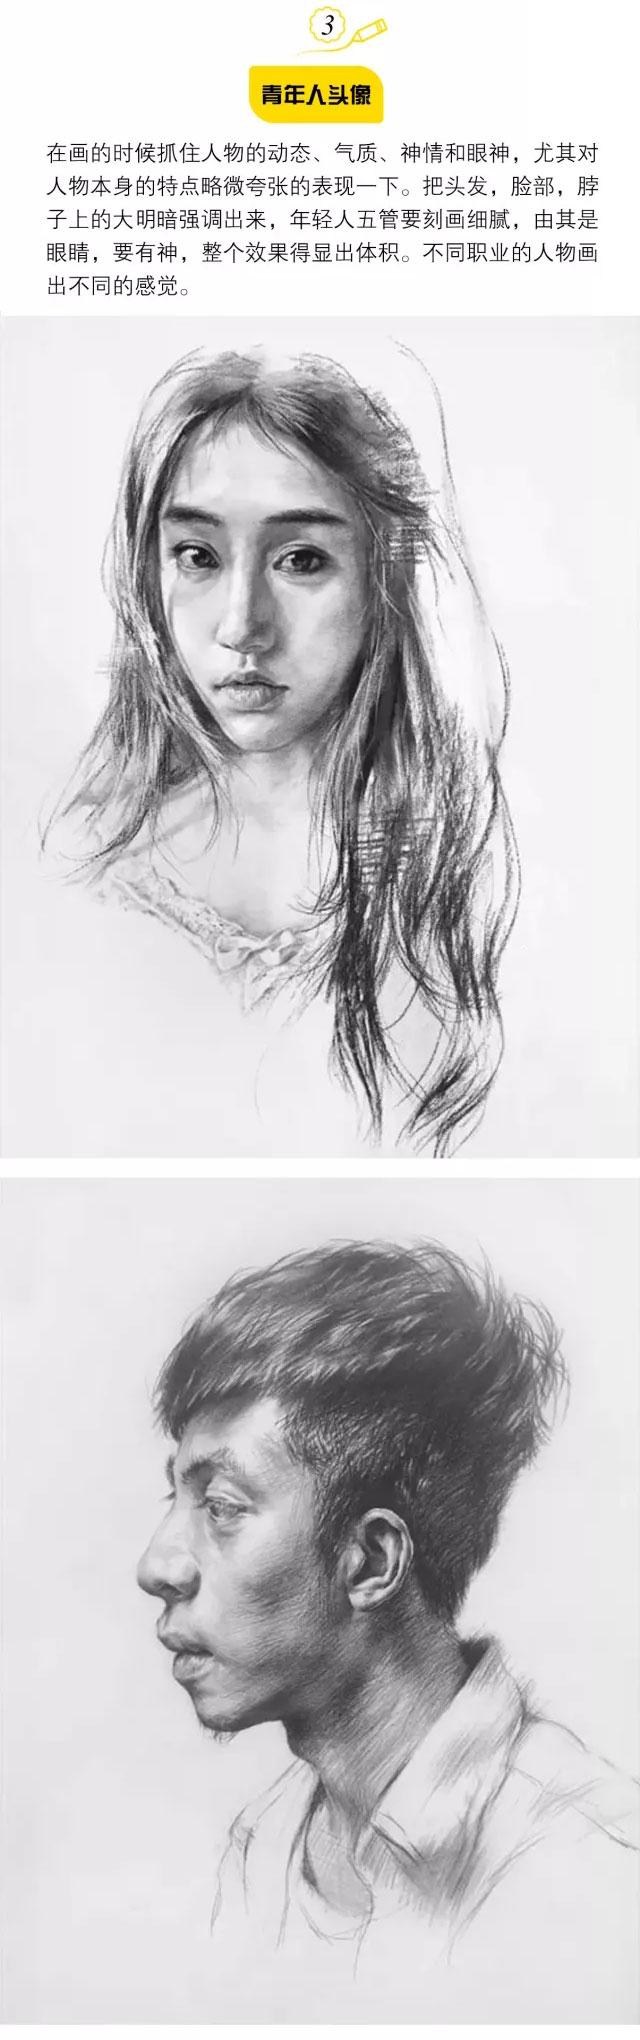 素描人像:不同年龄性别皮肤质感表_05.jpg